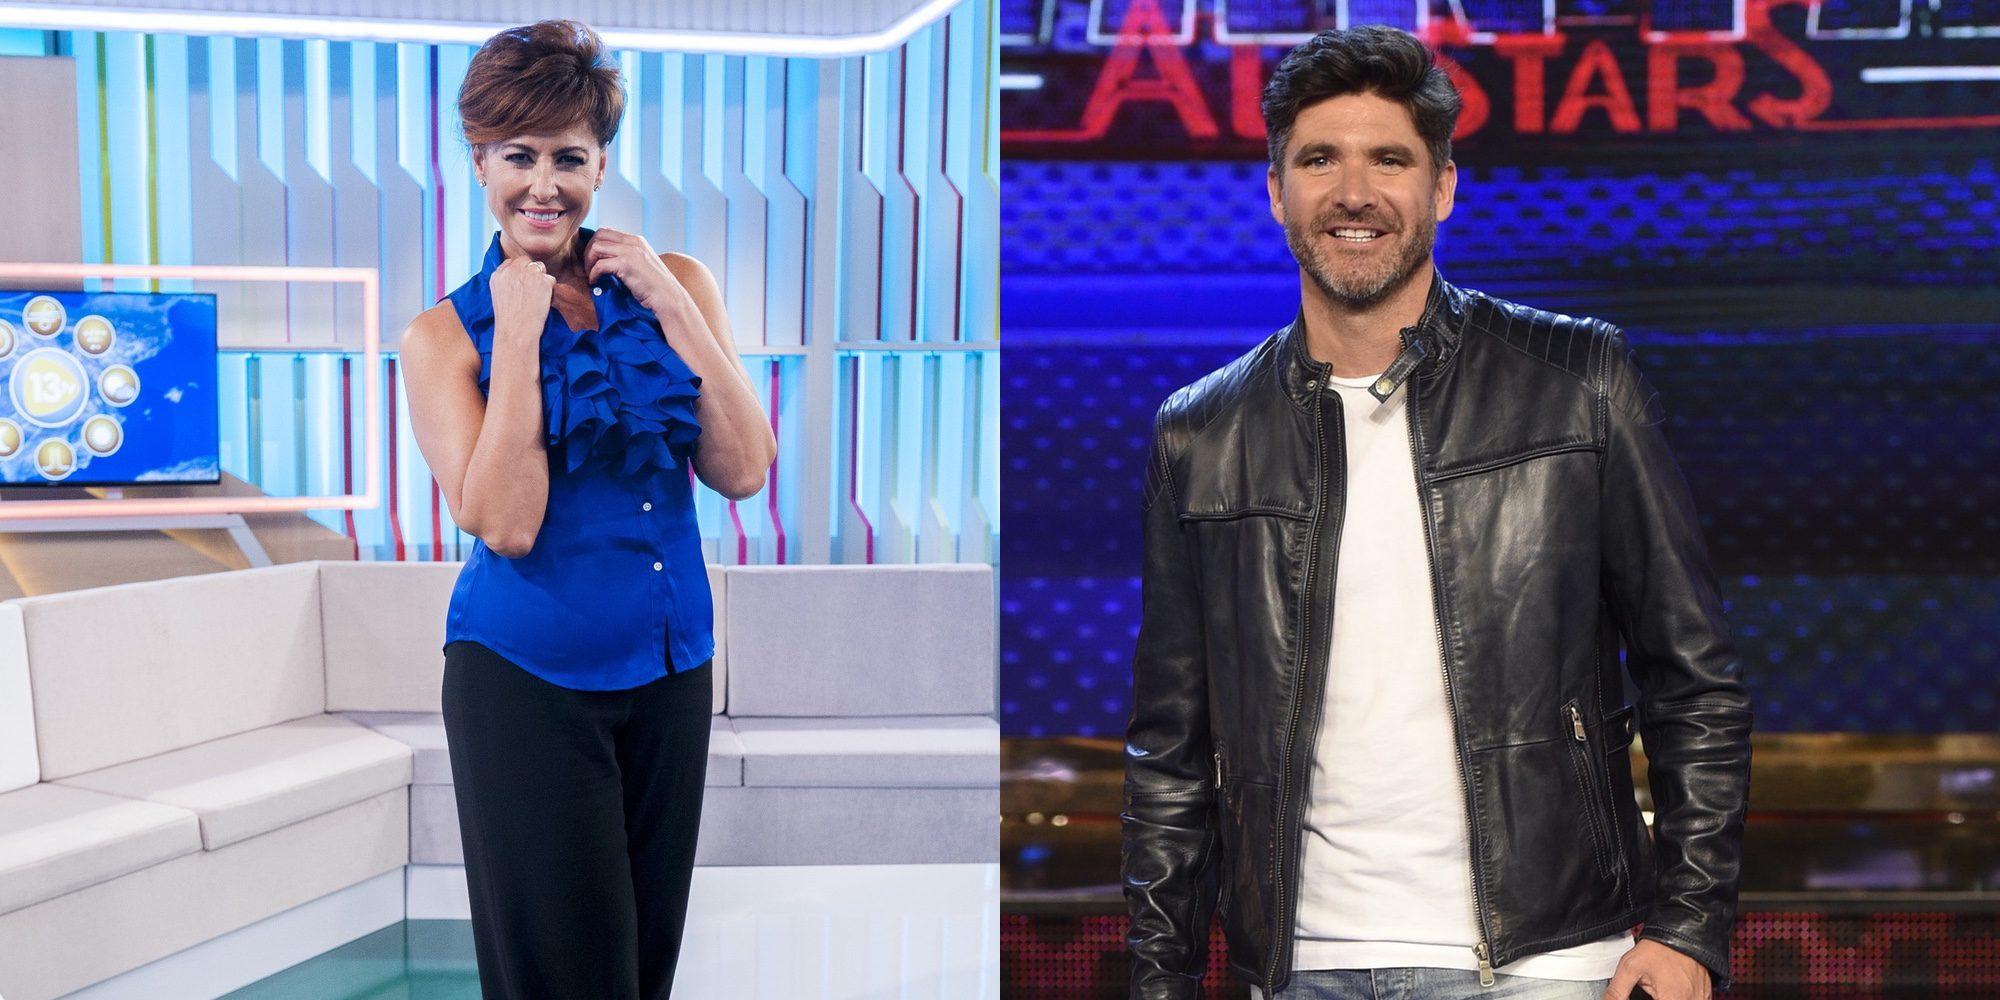 Toño Sanchís e Irma Soriano, primeros concursantes confirmados de 'Gran Hermano VIP 5'